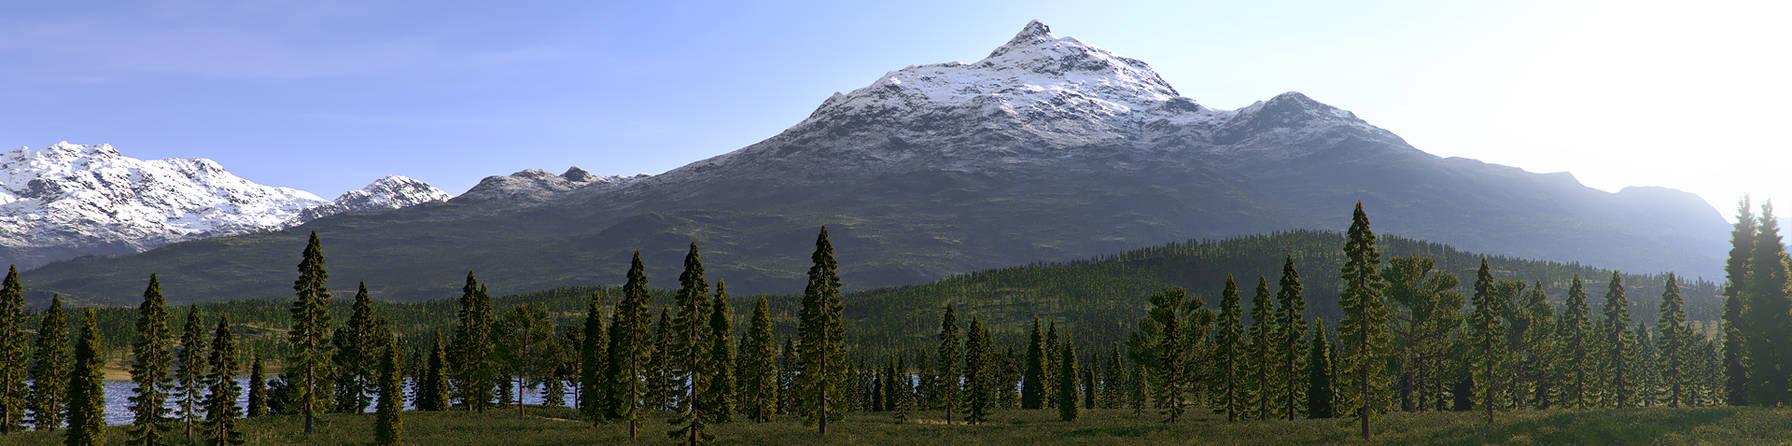 Kite Peak